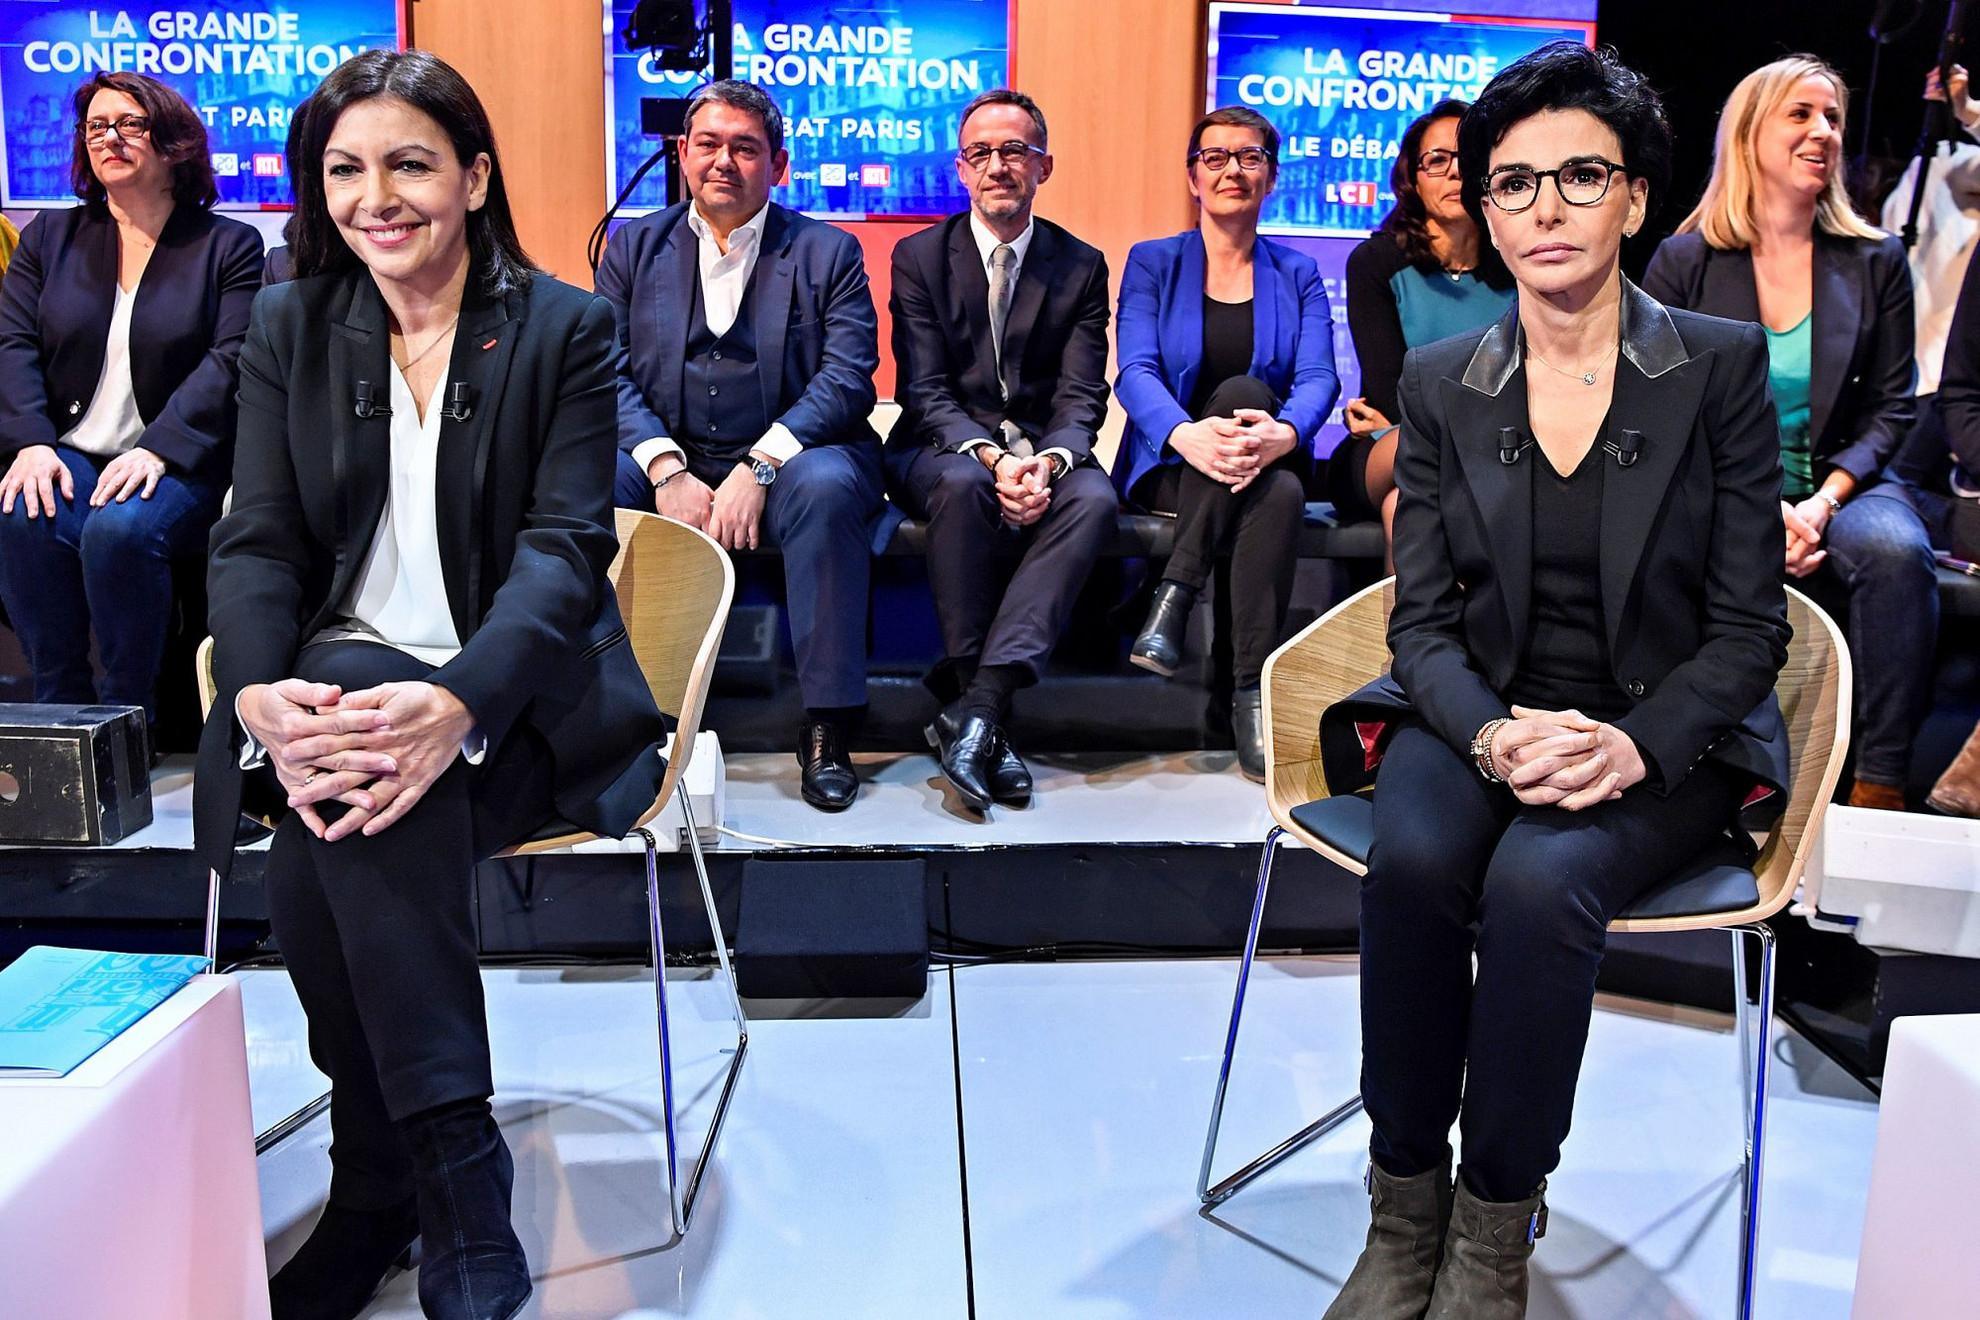 A szocialista főpolgármester, Anna Hidalgo és jobboldali kihívója, Rachida Dati